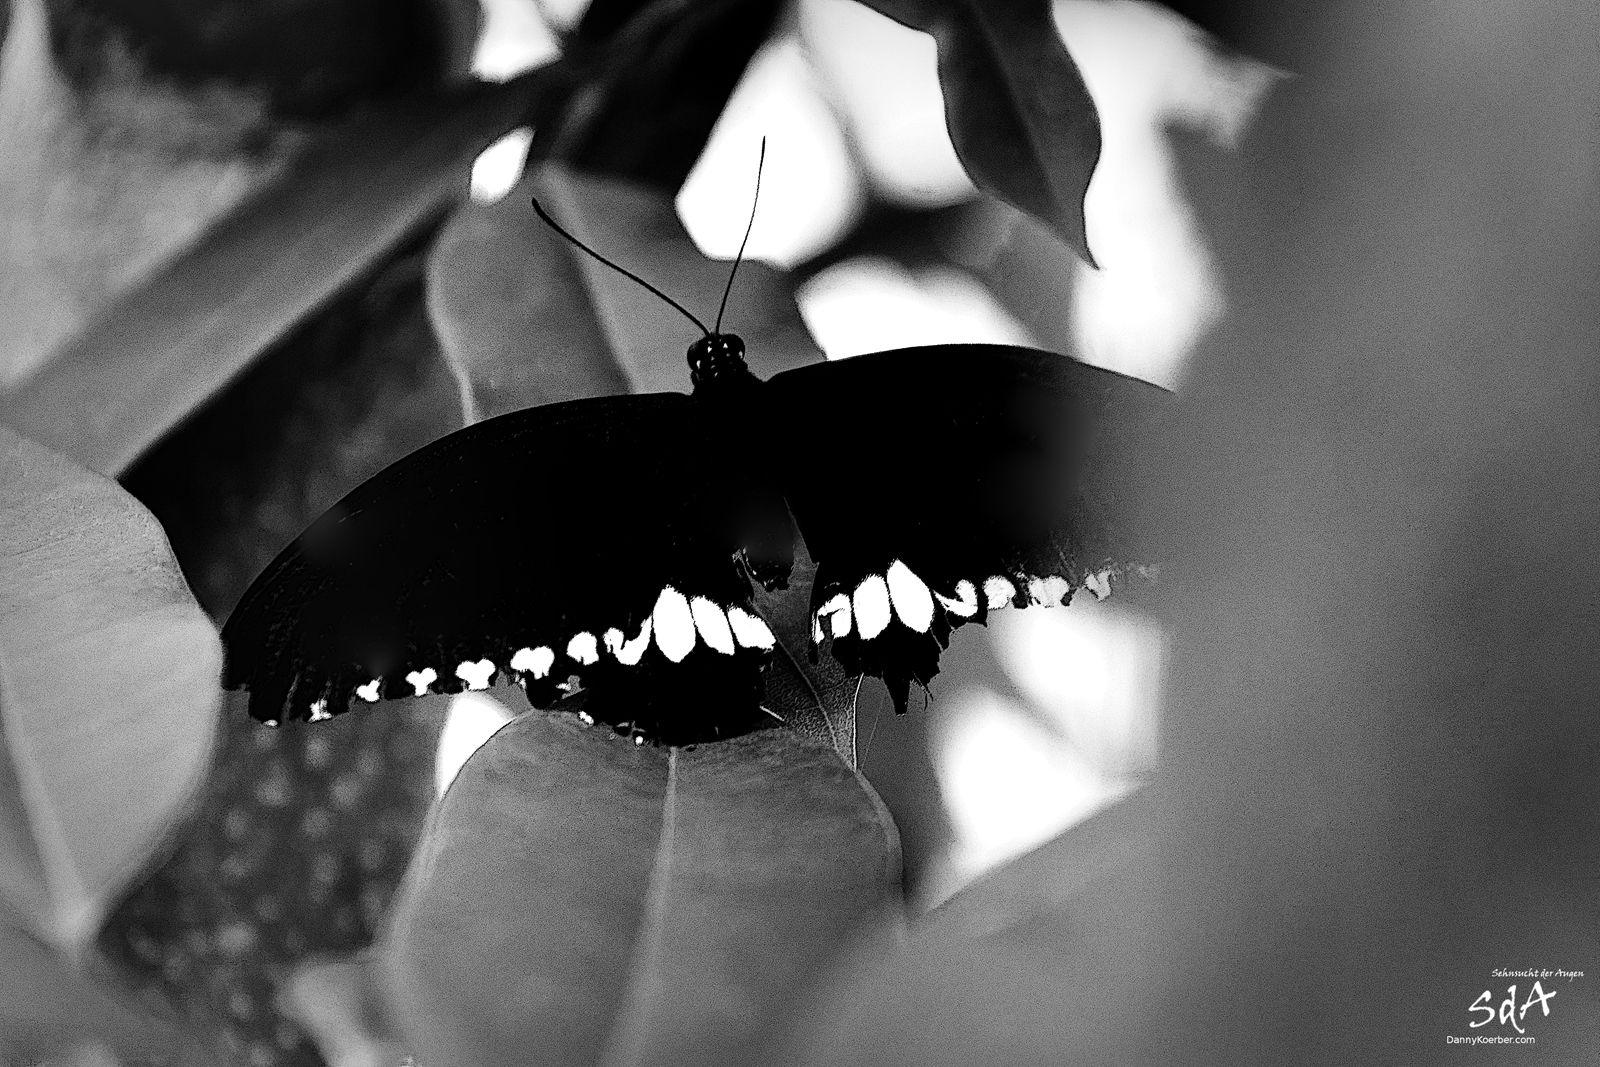 Schwarz weiß Falter auf Baum, Schmetterlinge und Tiere fotografiert von Danny Koerber.